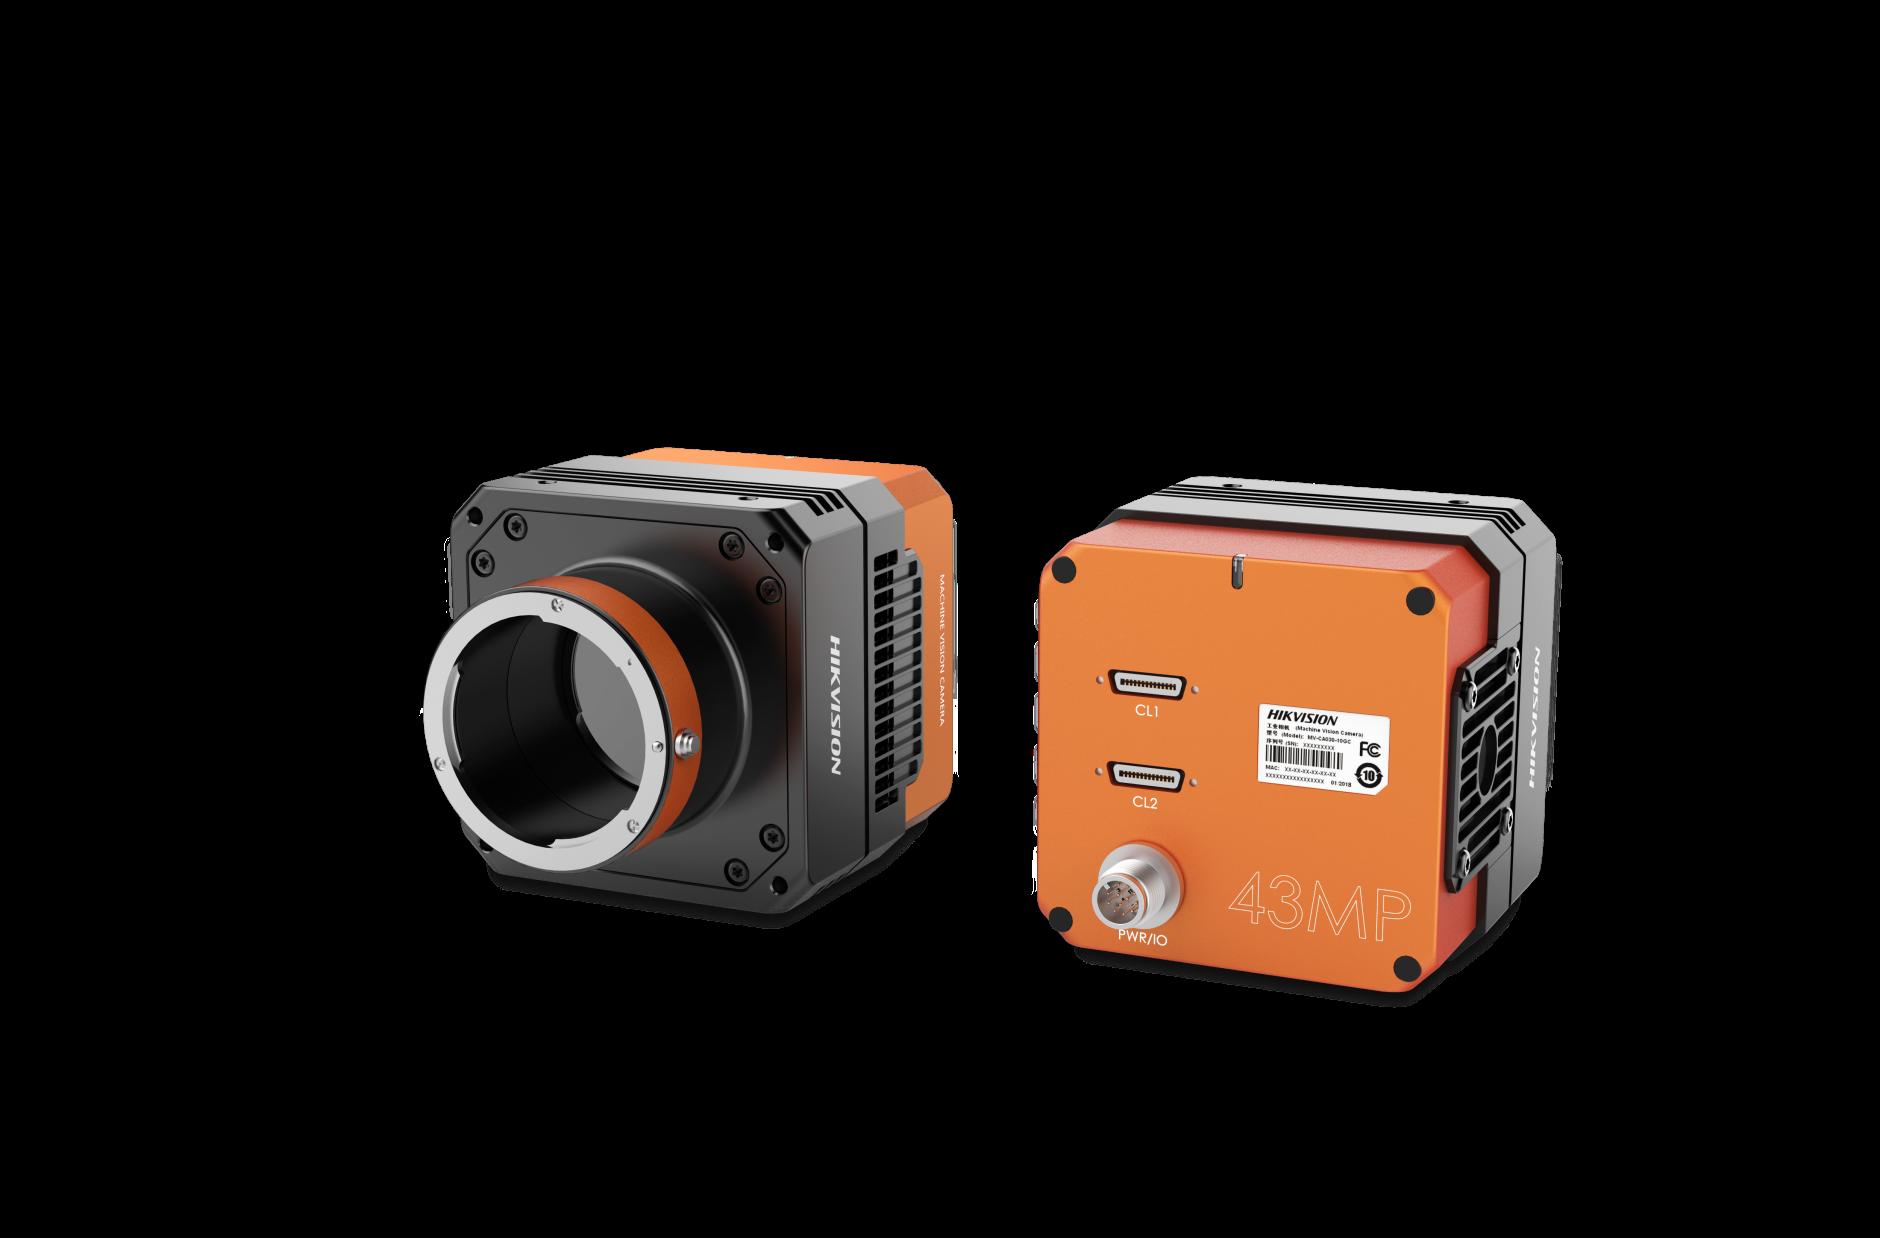 海康威视43MP高分辨率相机